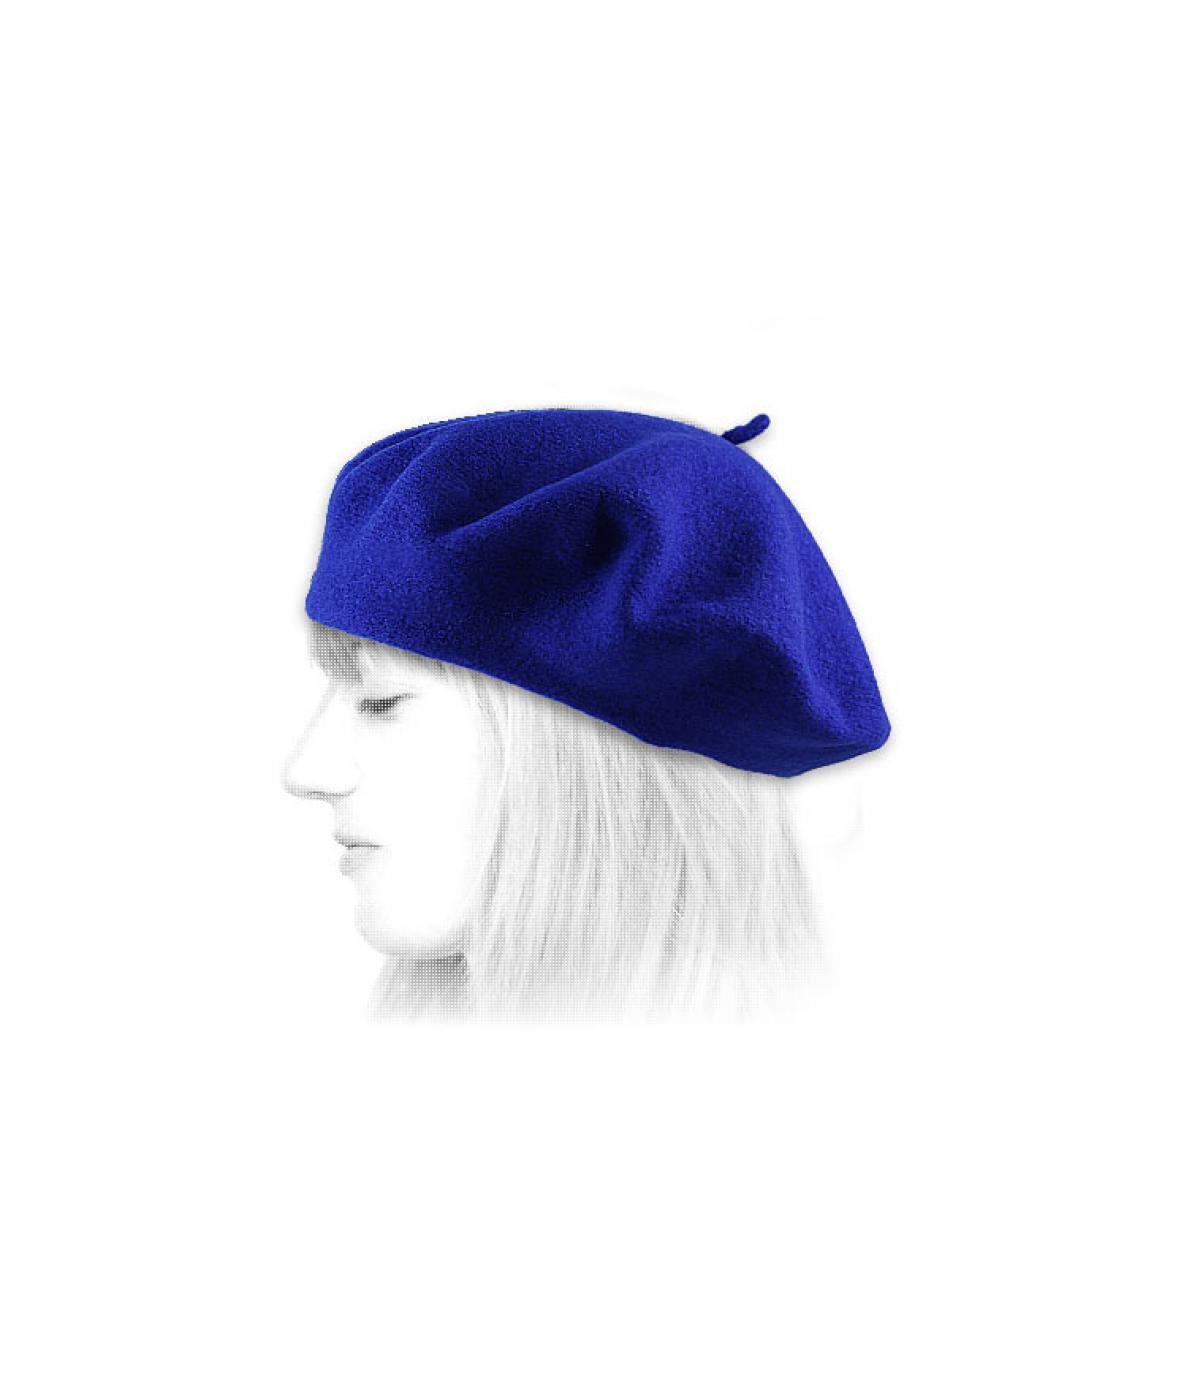 dea1d9b1 Blue french beret - Royal blue french beret by Le Béret Français.